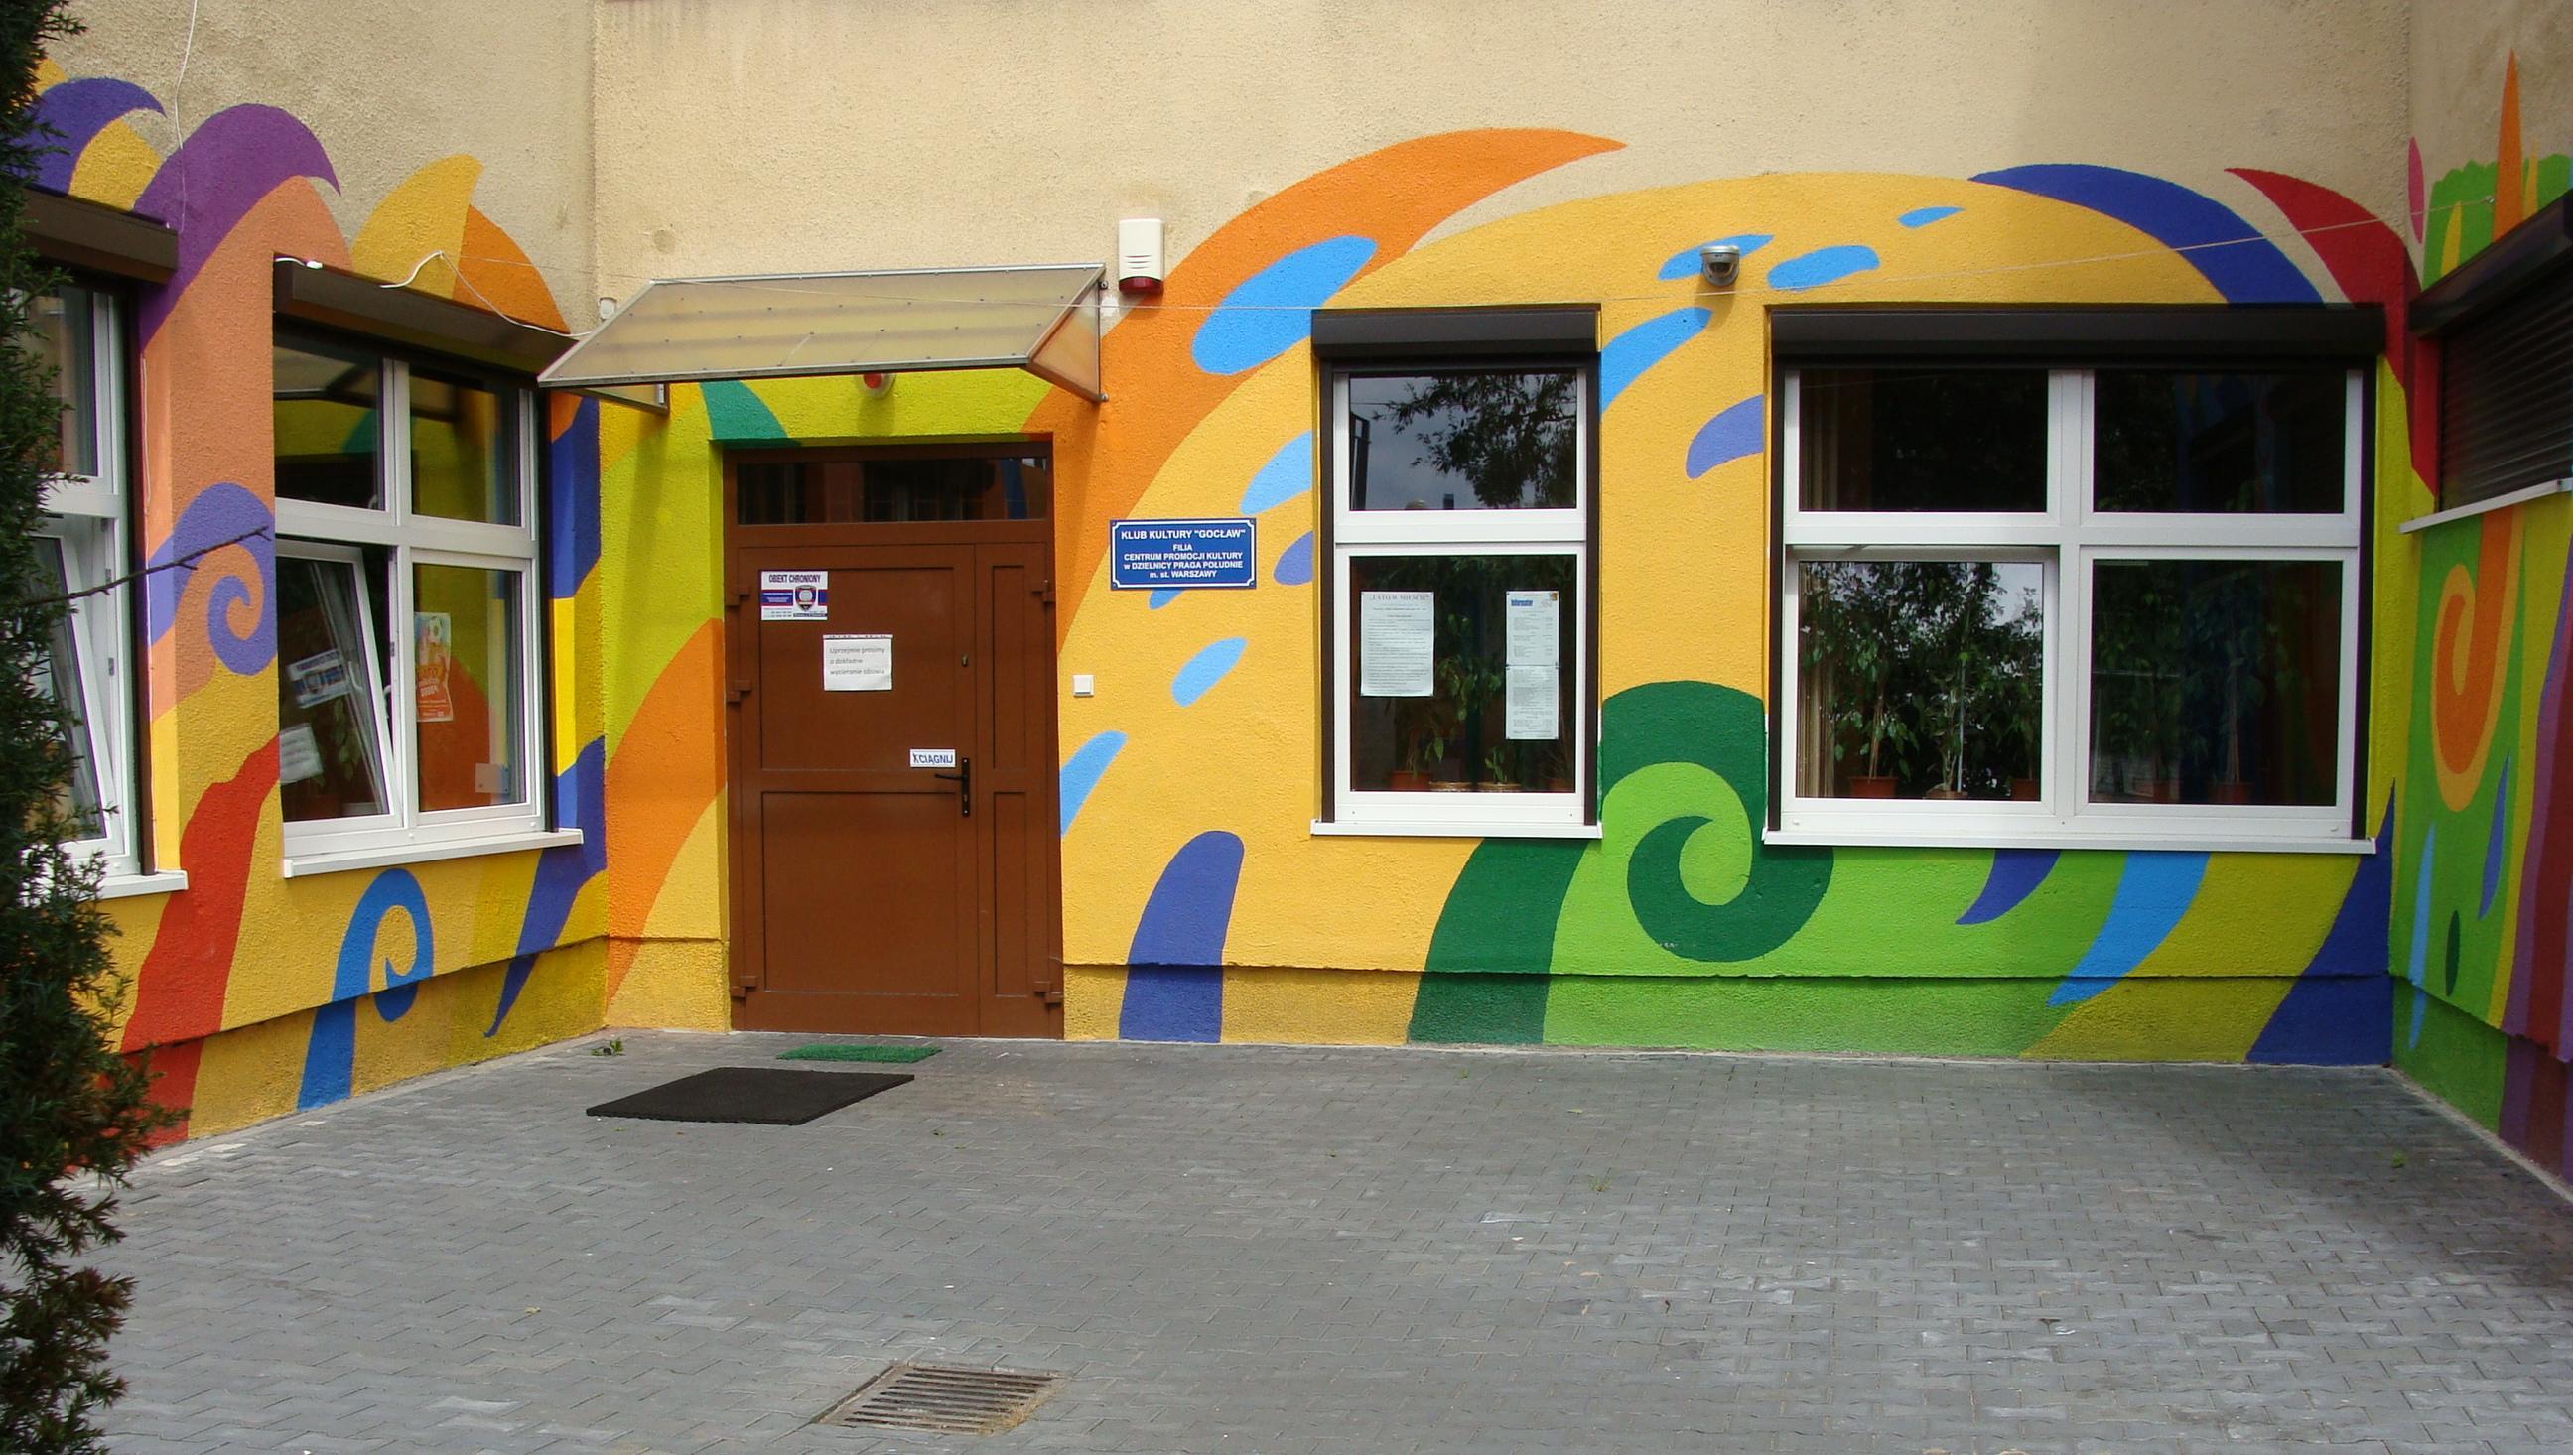 Klub Kultury Gocław - adres, telefon, www | Urzędy i instytucje Warszawa Praga Południe  Warszawa Praga Południe